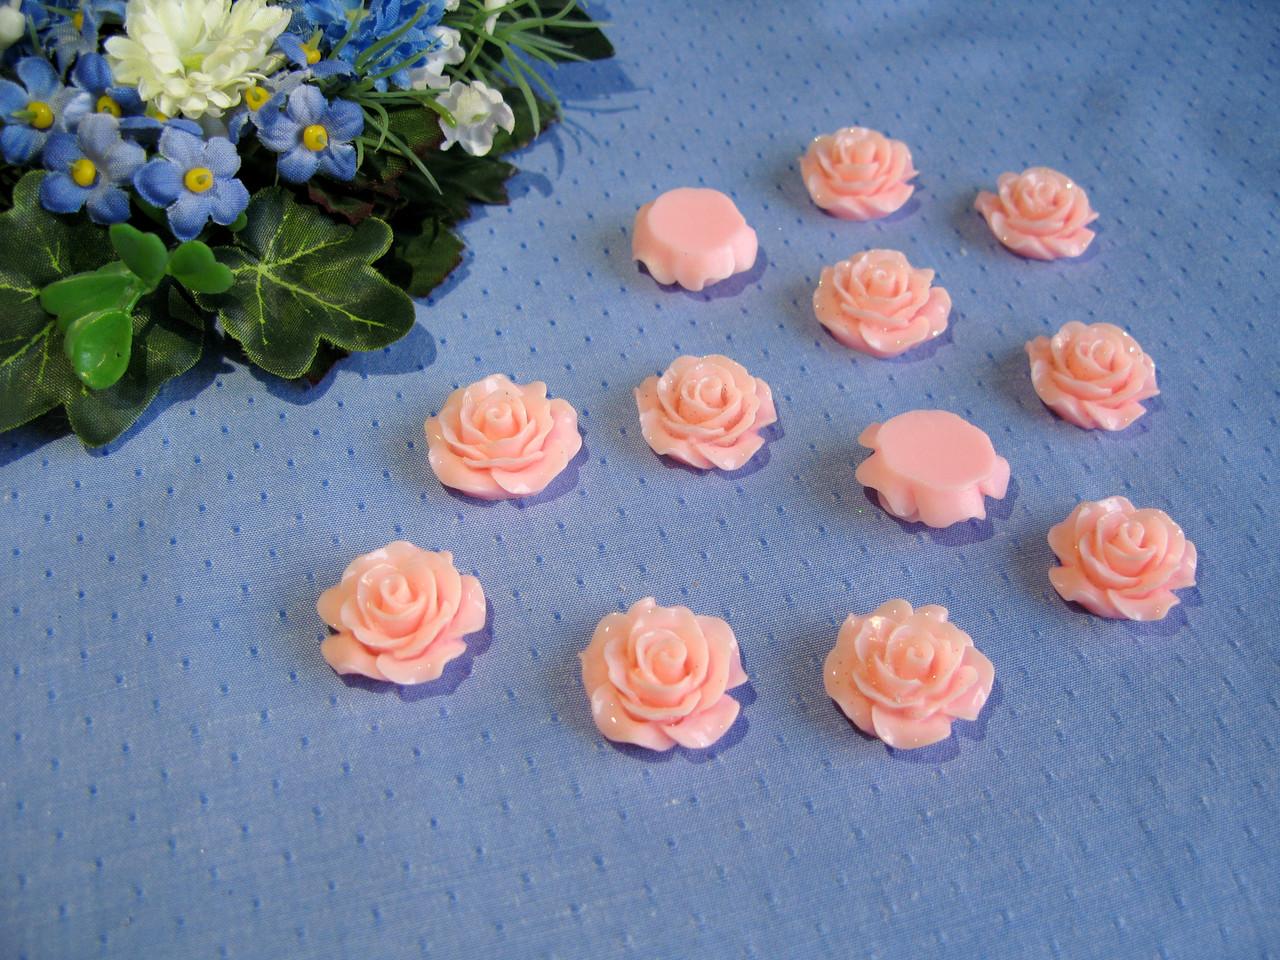 Серединка акриловая - Роза лаковая большая, цвет персиково-розовый  р-р - 2 см цена 20 грн - 10 шт